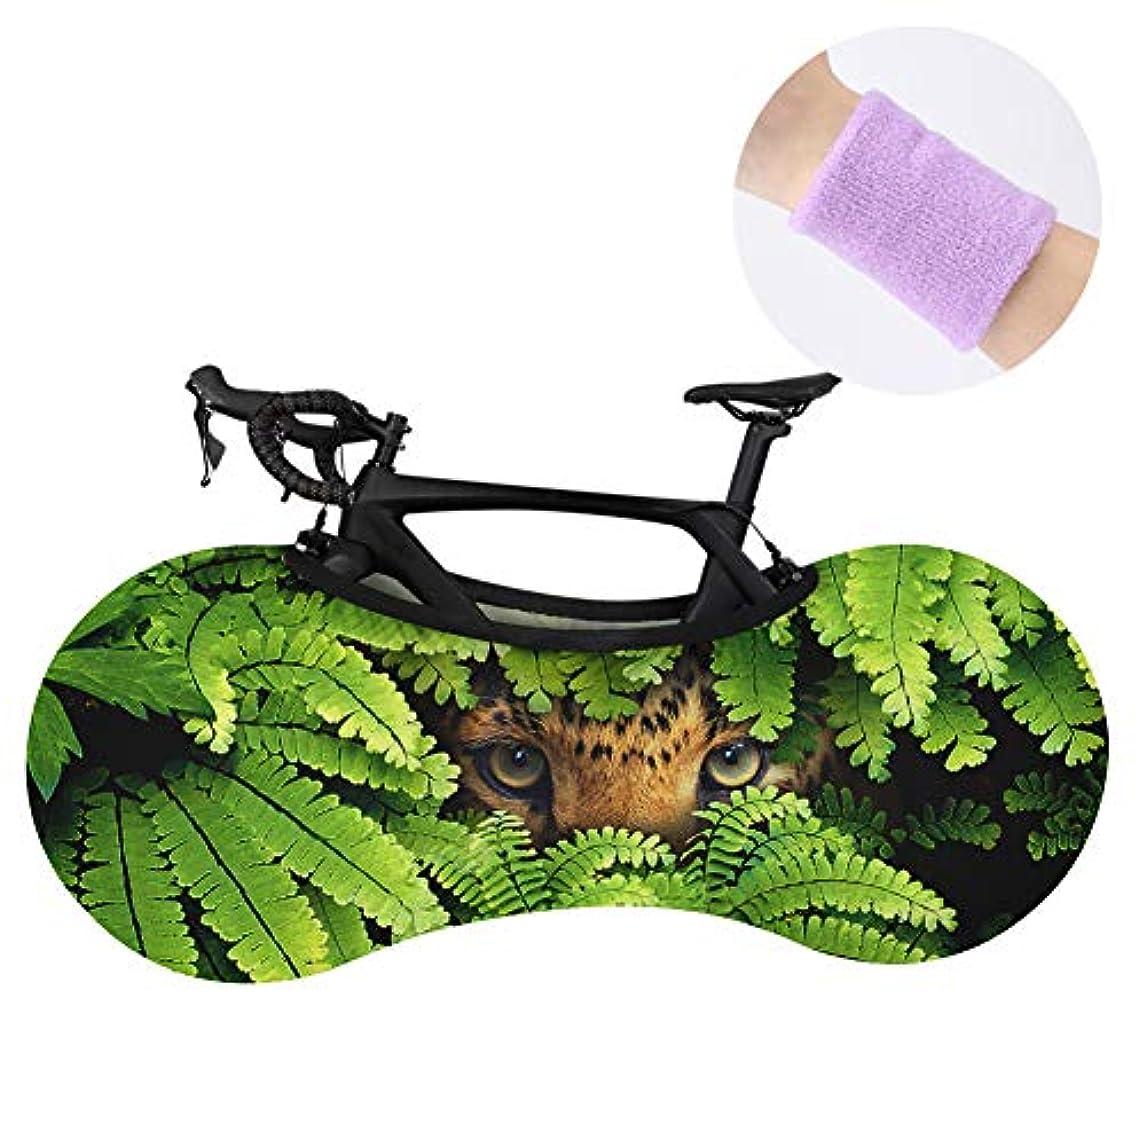 類似性正規化パトロールMTBロードバイクベルト手首タオル用ポリエステル自転車のホイールカバー洗える弾性保護具タイヤパッケージ